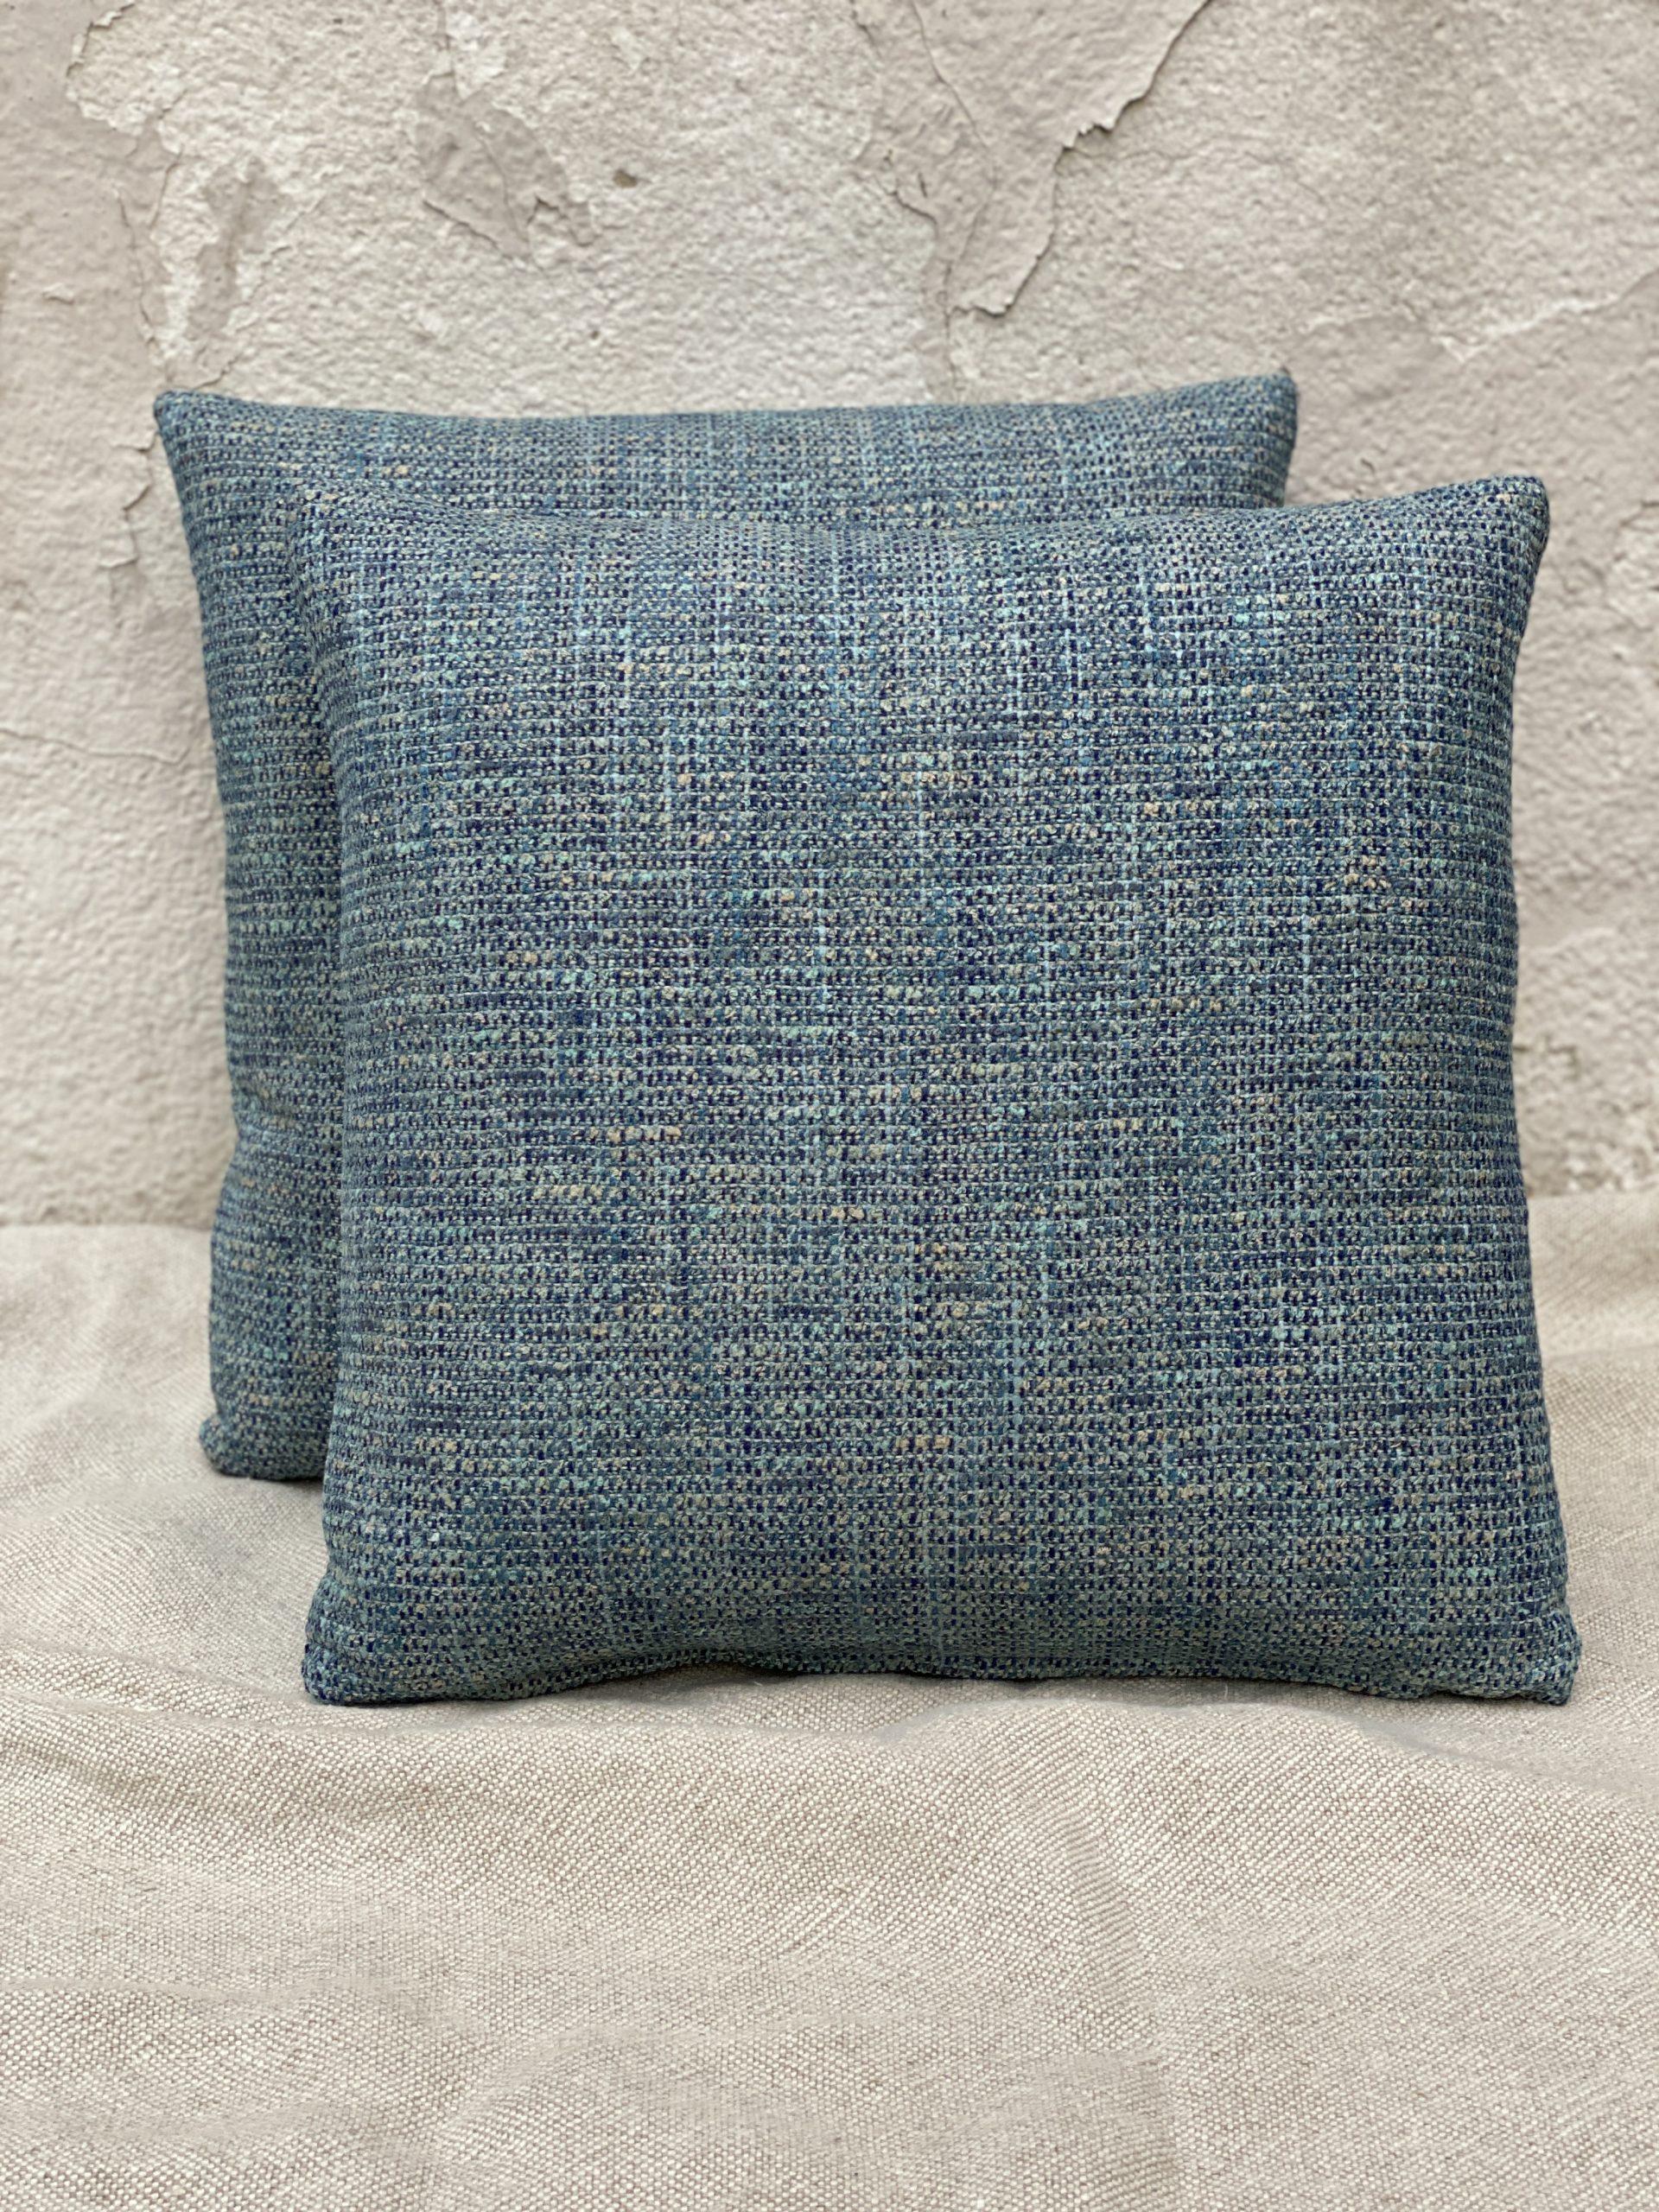 Pindler Square Pillows